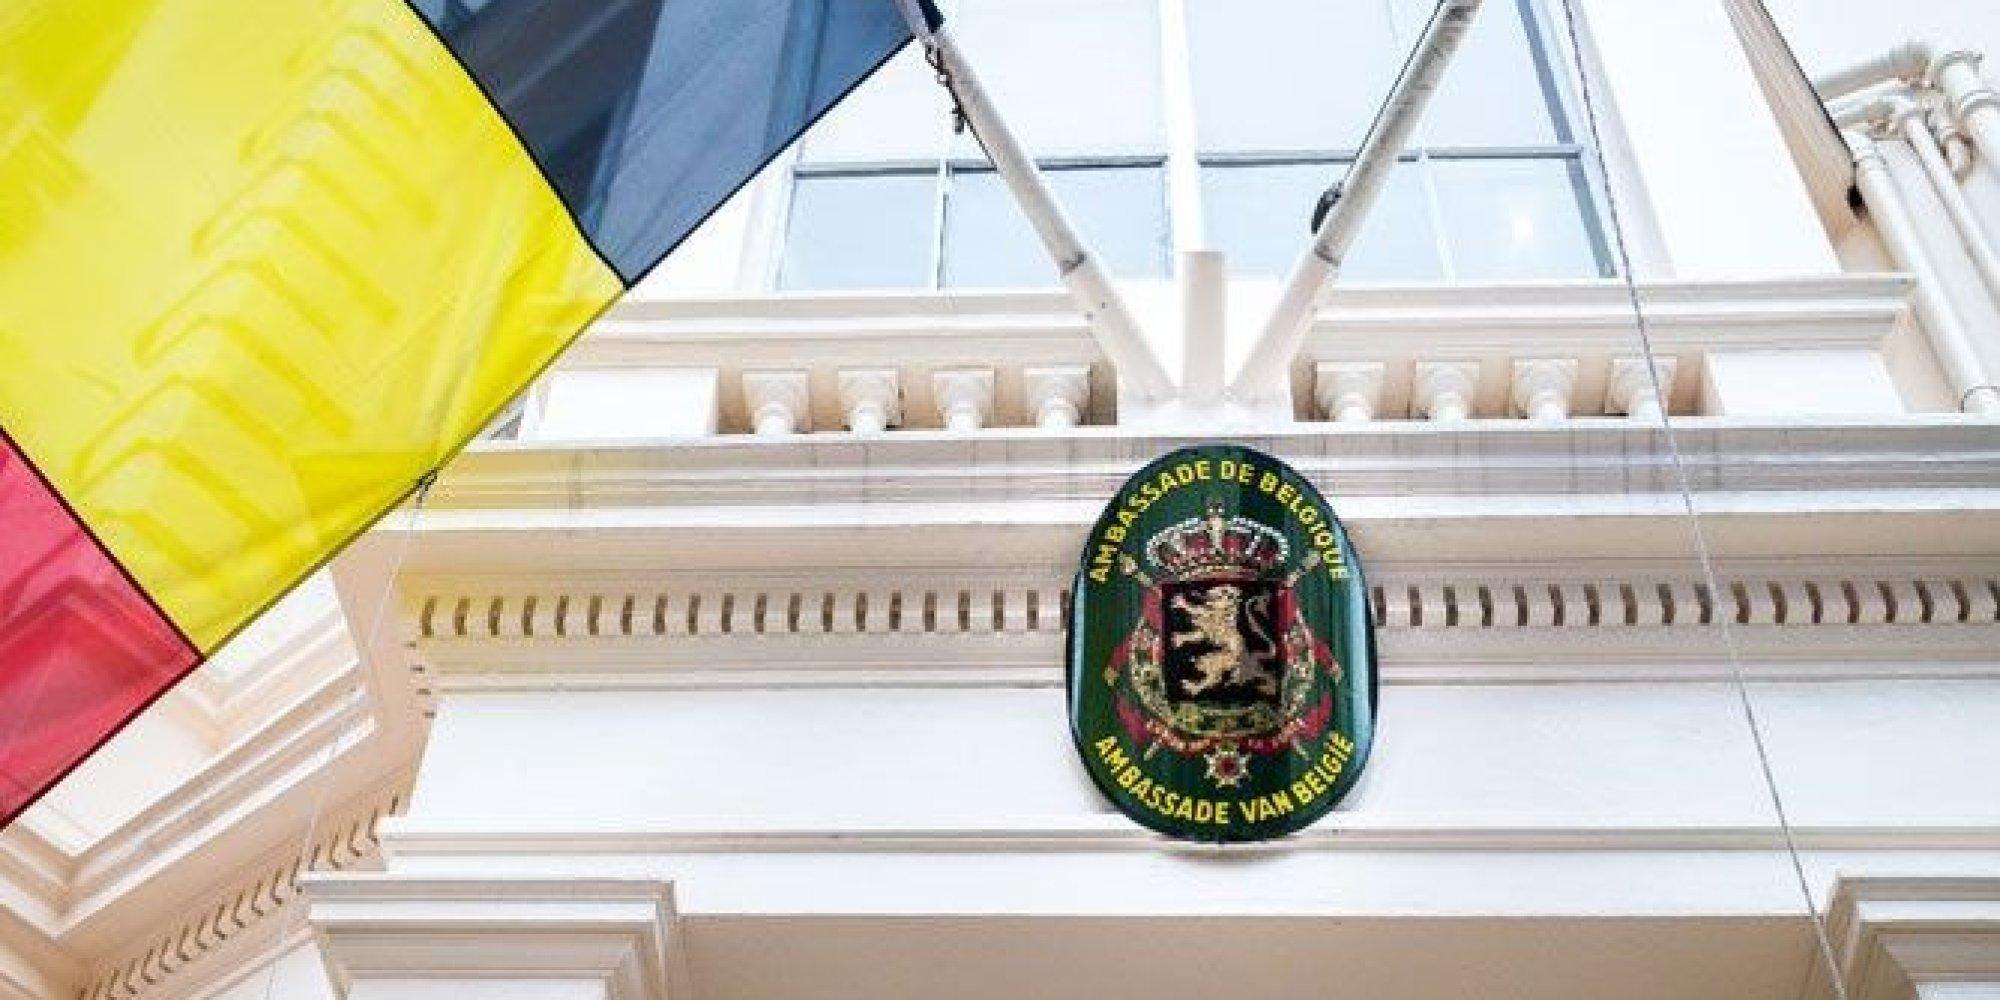 attentats de bruxelles ouverture d 39 un registre de condol ances l 39 ambassade de belgique rabat. Black Bedroom Furniture Sets. Home Design Ideas